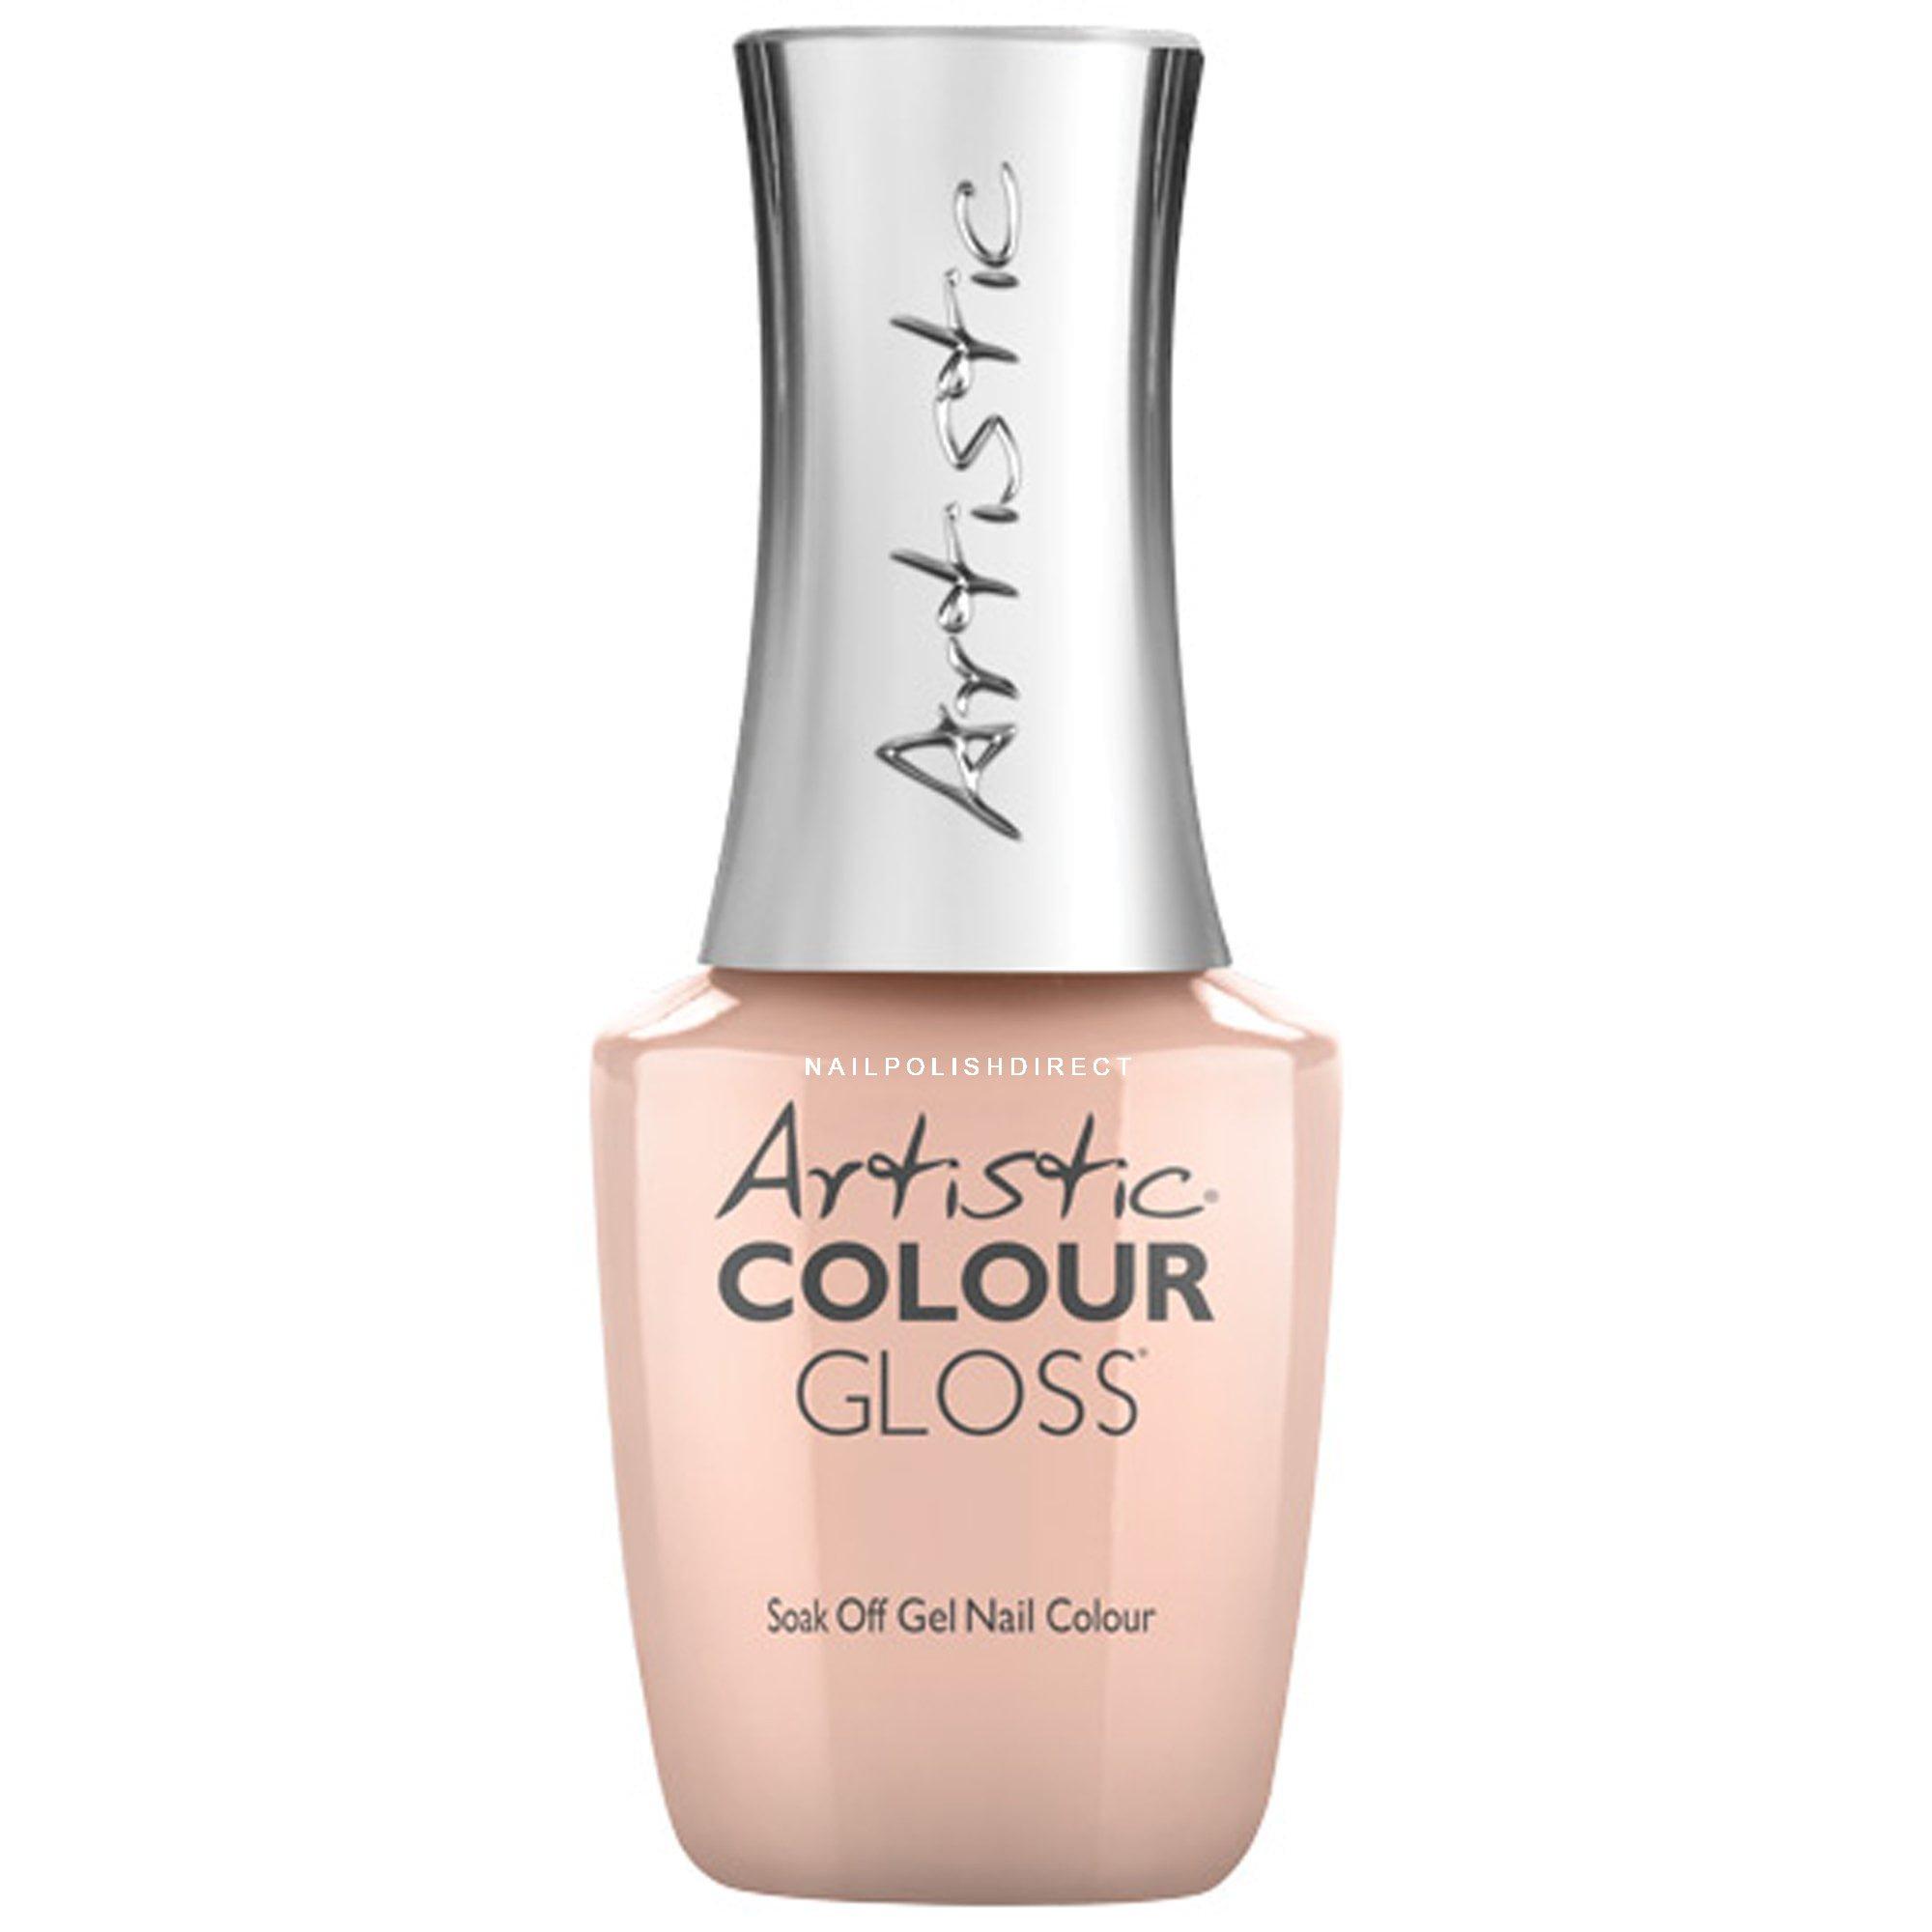 Artistic Colour Gloss Soak Off Gel Nail Polish - Peach Whip (03046)